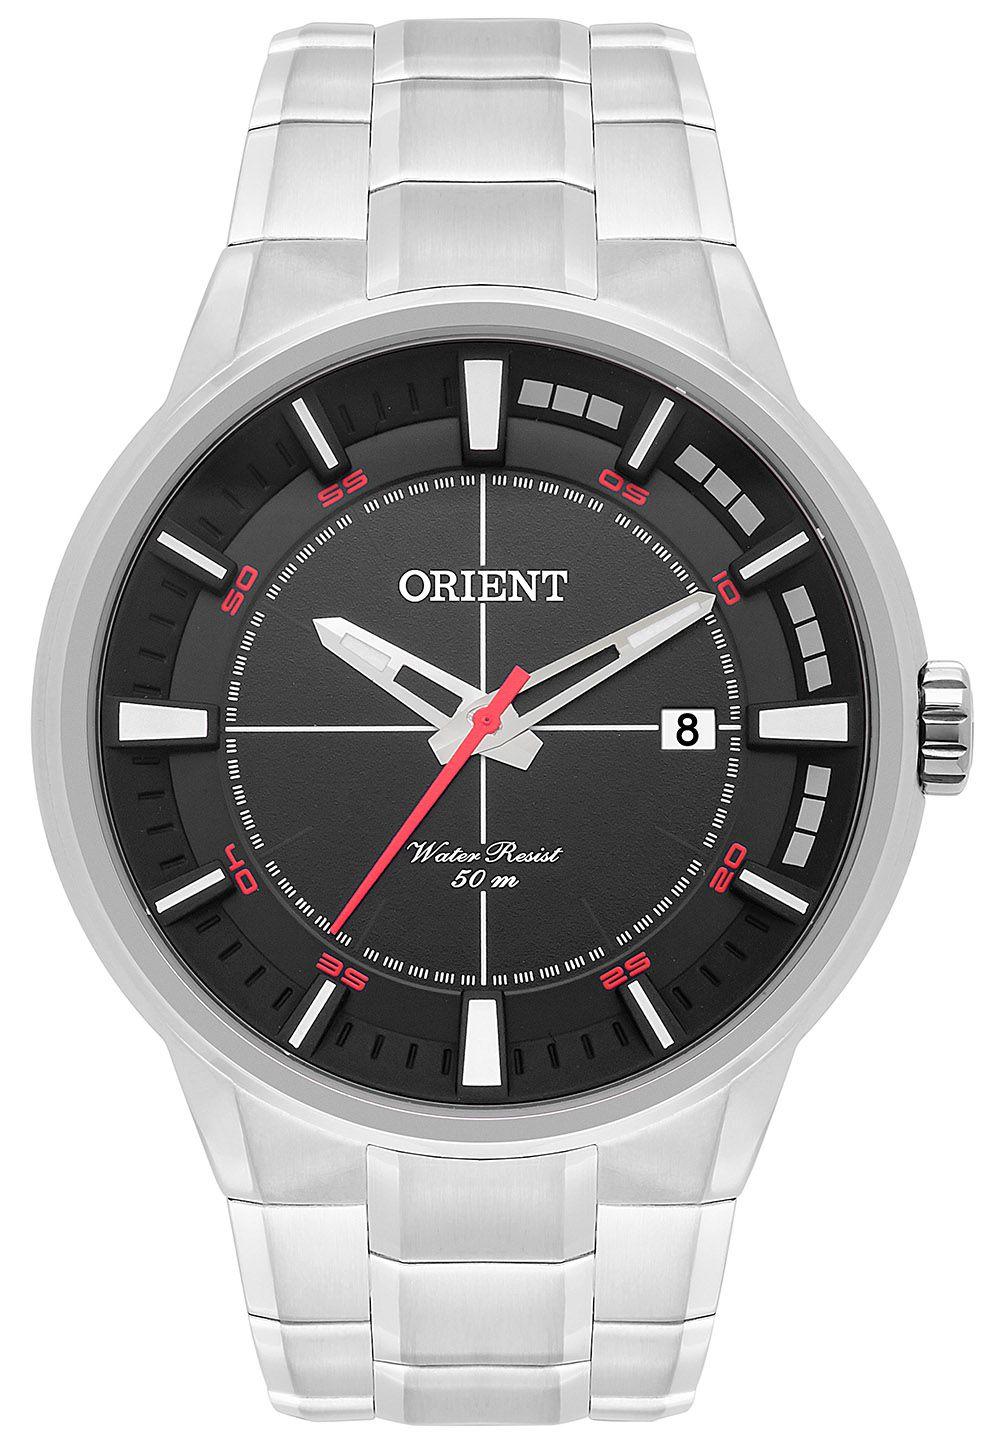 2070375a9 Relógio Orient Masculino MBSS1308-P2SX Prata - PATRICIA JOIAS